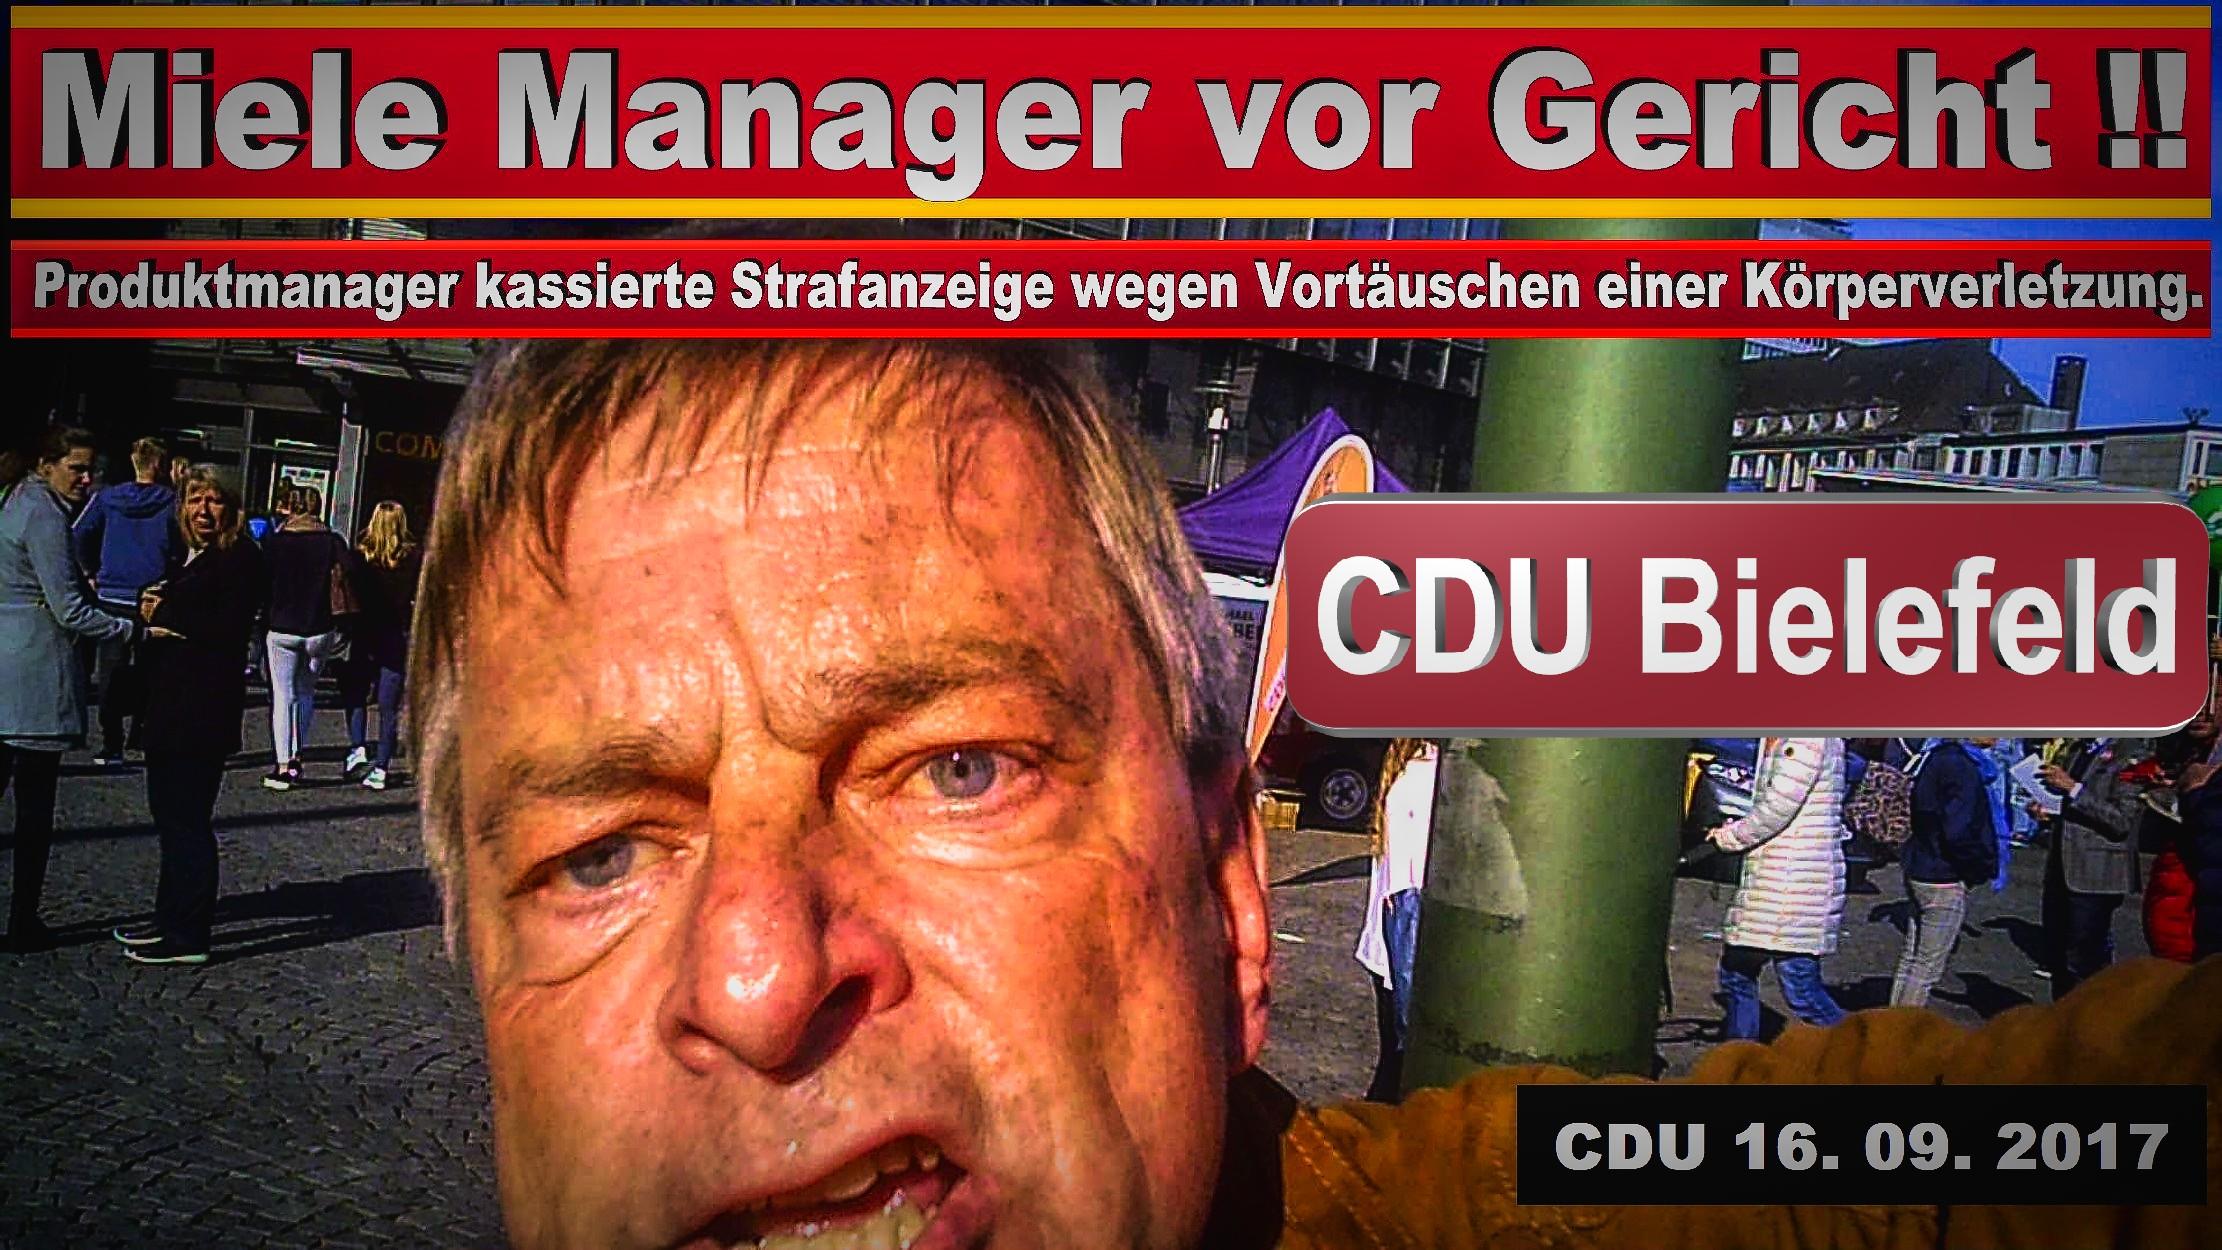 MICHAEL WEBER MIELE GüTERSLOH CDU BIELEFELD POLIZEIGEWALT GEWALTAUSBRUCH UND STRAFANZEIGE GEGEN EINEN JOURNALISTEN (FGJN1) EDIT KOPIE (4)